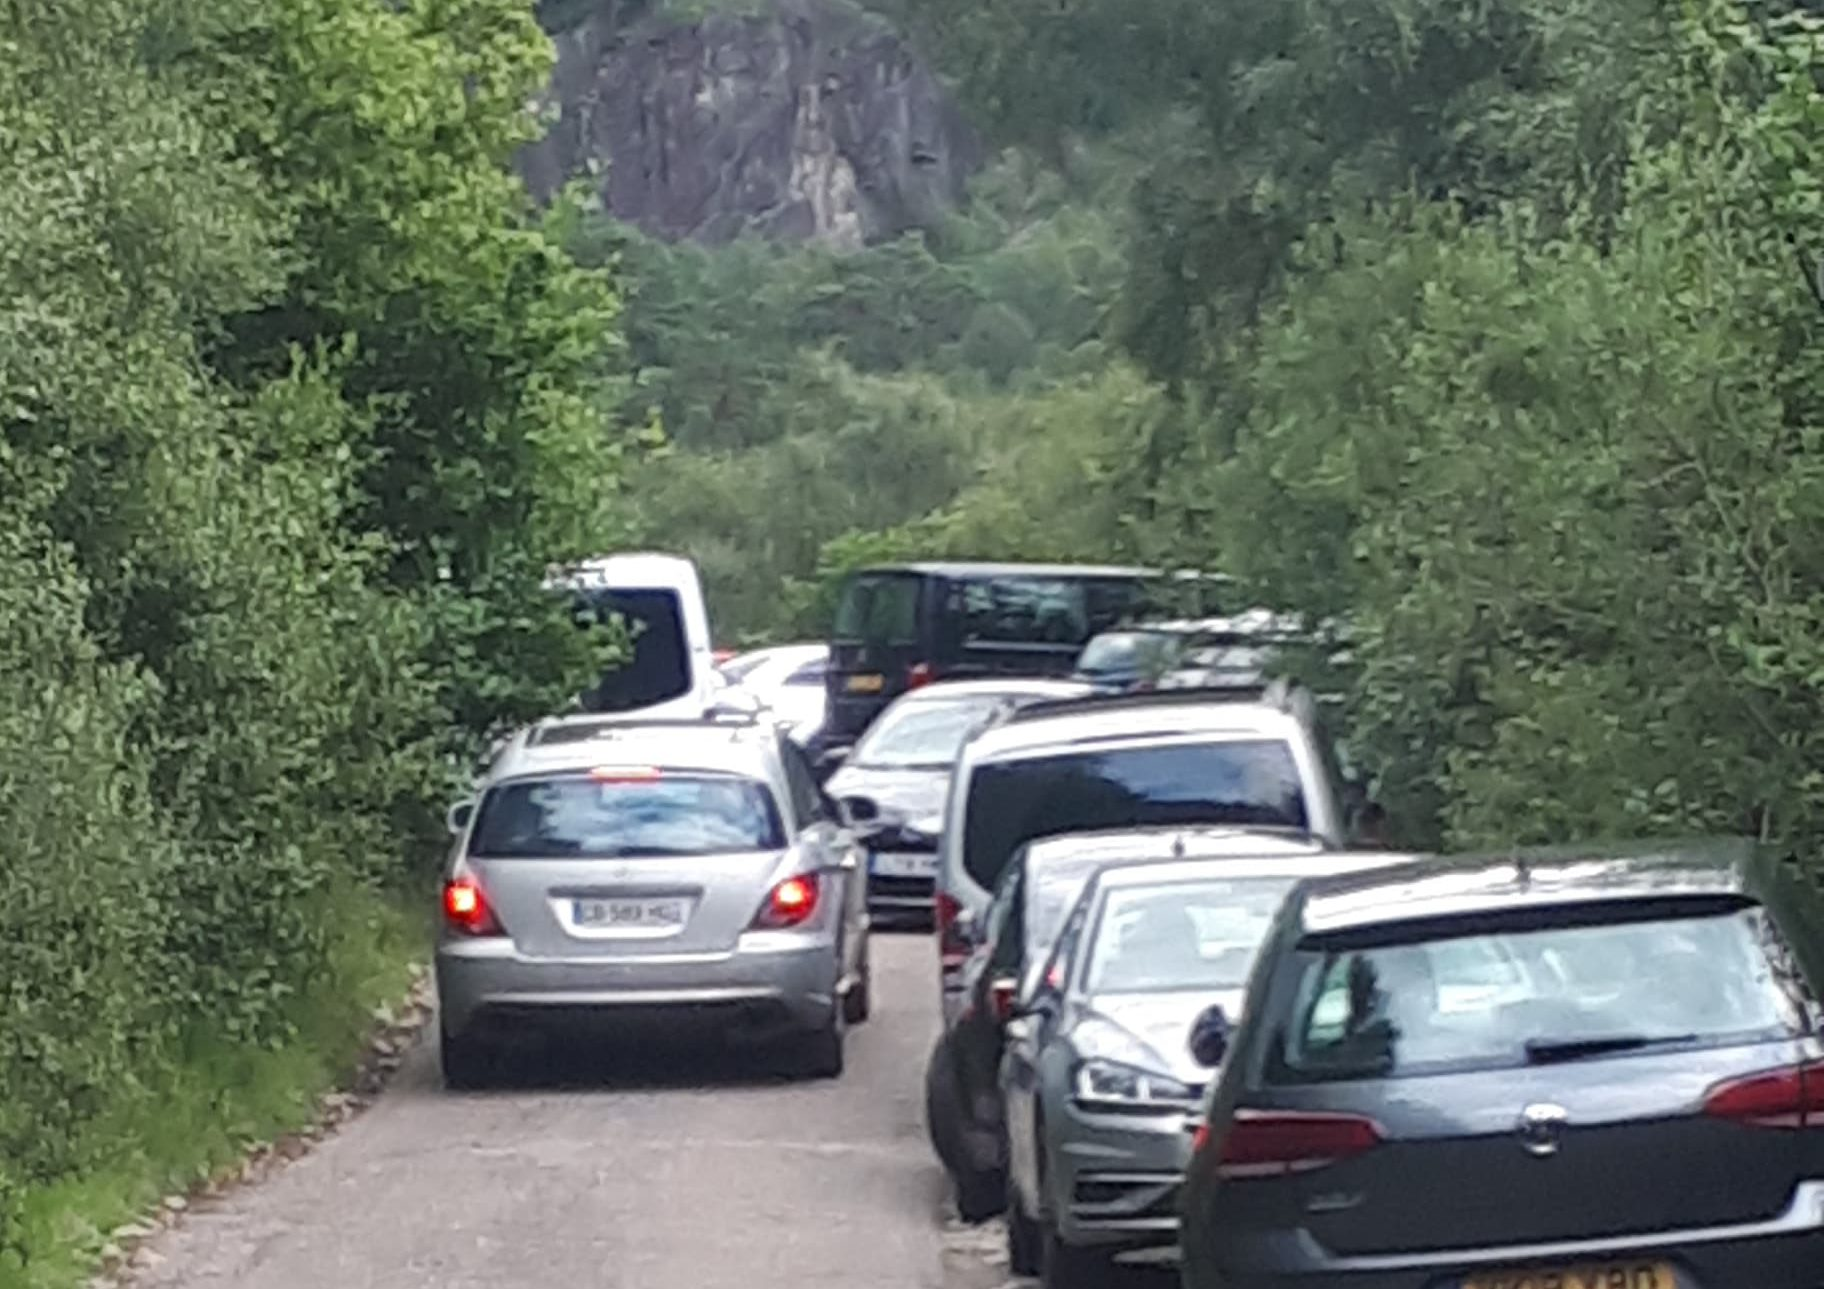 Parking problems at Glen Nevis.